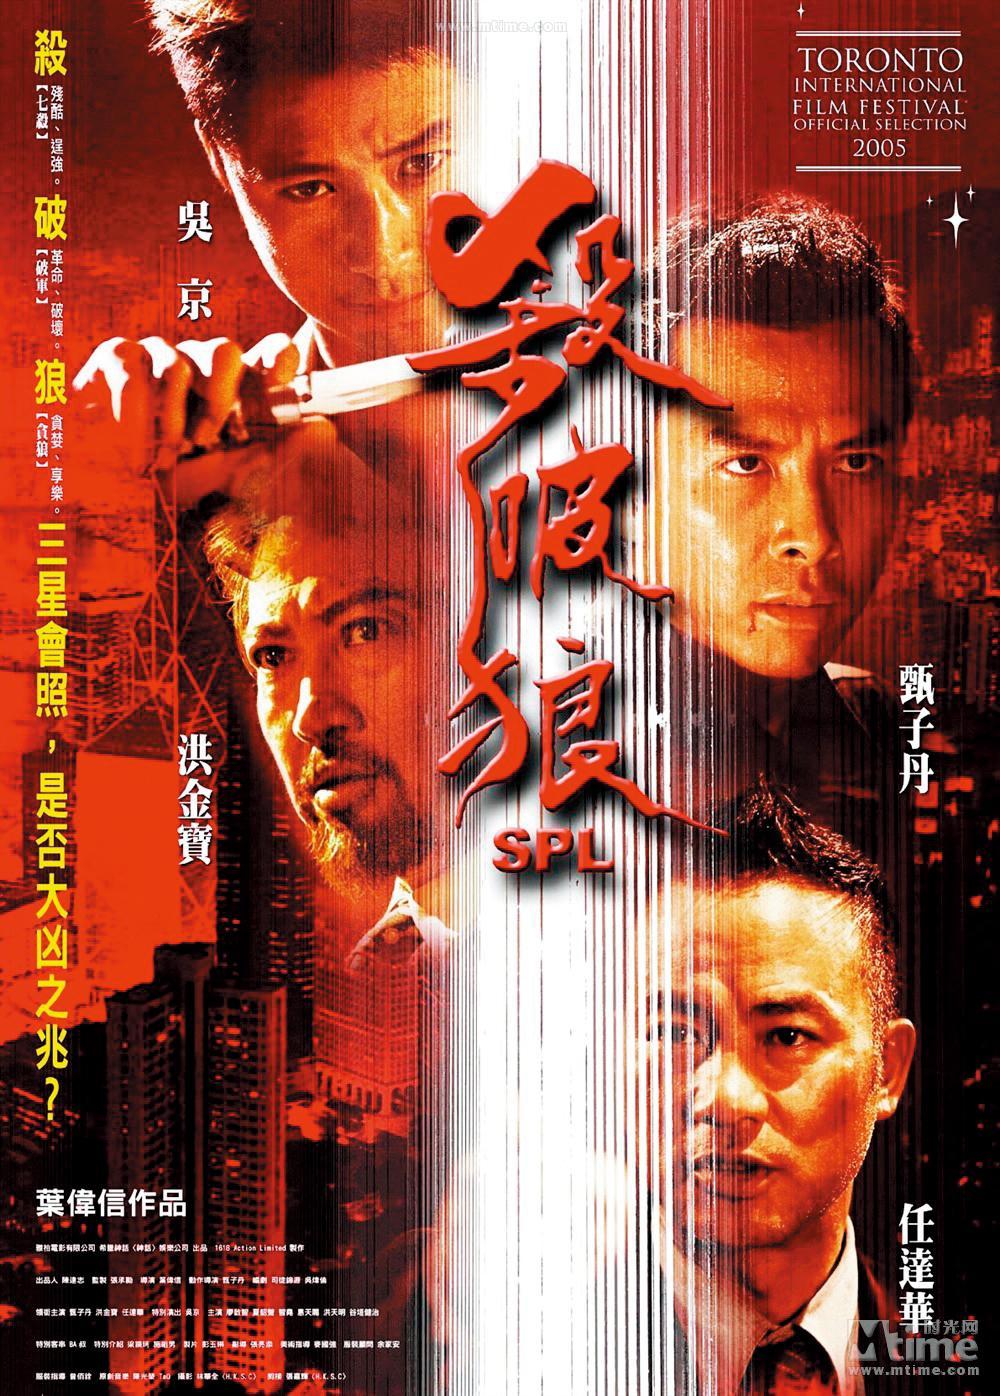 《殺破狼》的投資商包括有吳京的經紀公司,本來吳京擔任主要角色,但後來因甄子丹加入,吳京的戲被大量刪減,而且還沒有一句對白。(翻攝自網路)